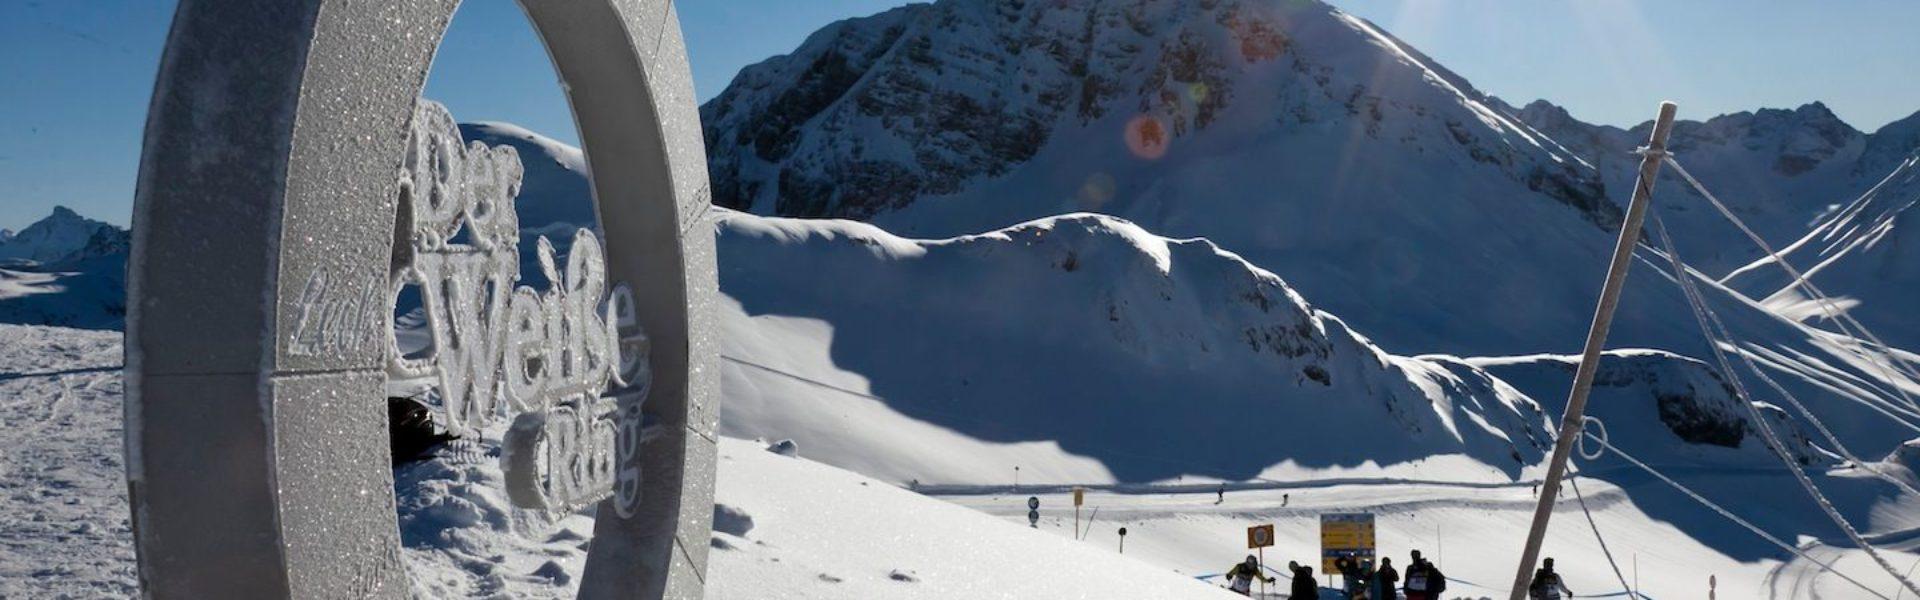 Der Weiße Ring, Das Rennen (c) Lech Zürs am Arlberg